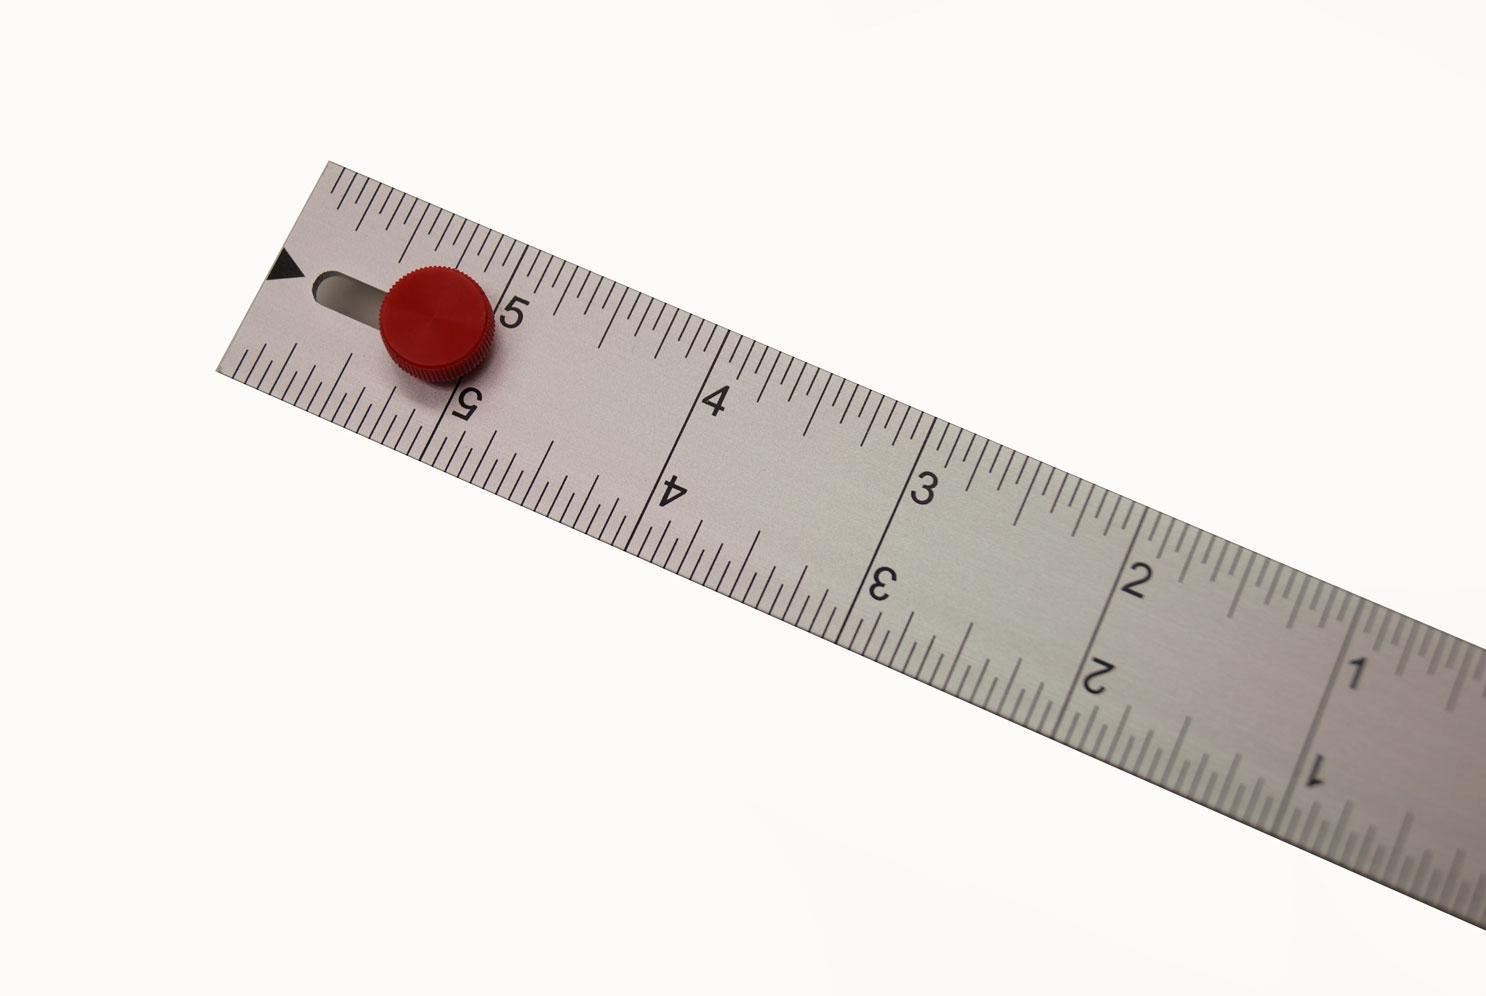 Dual Measurement Ruler